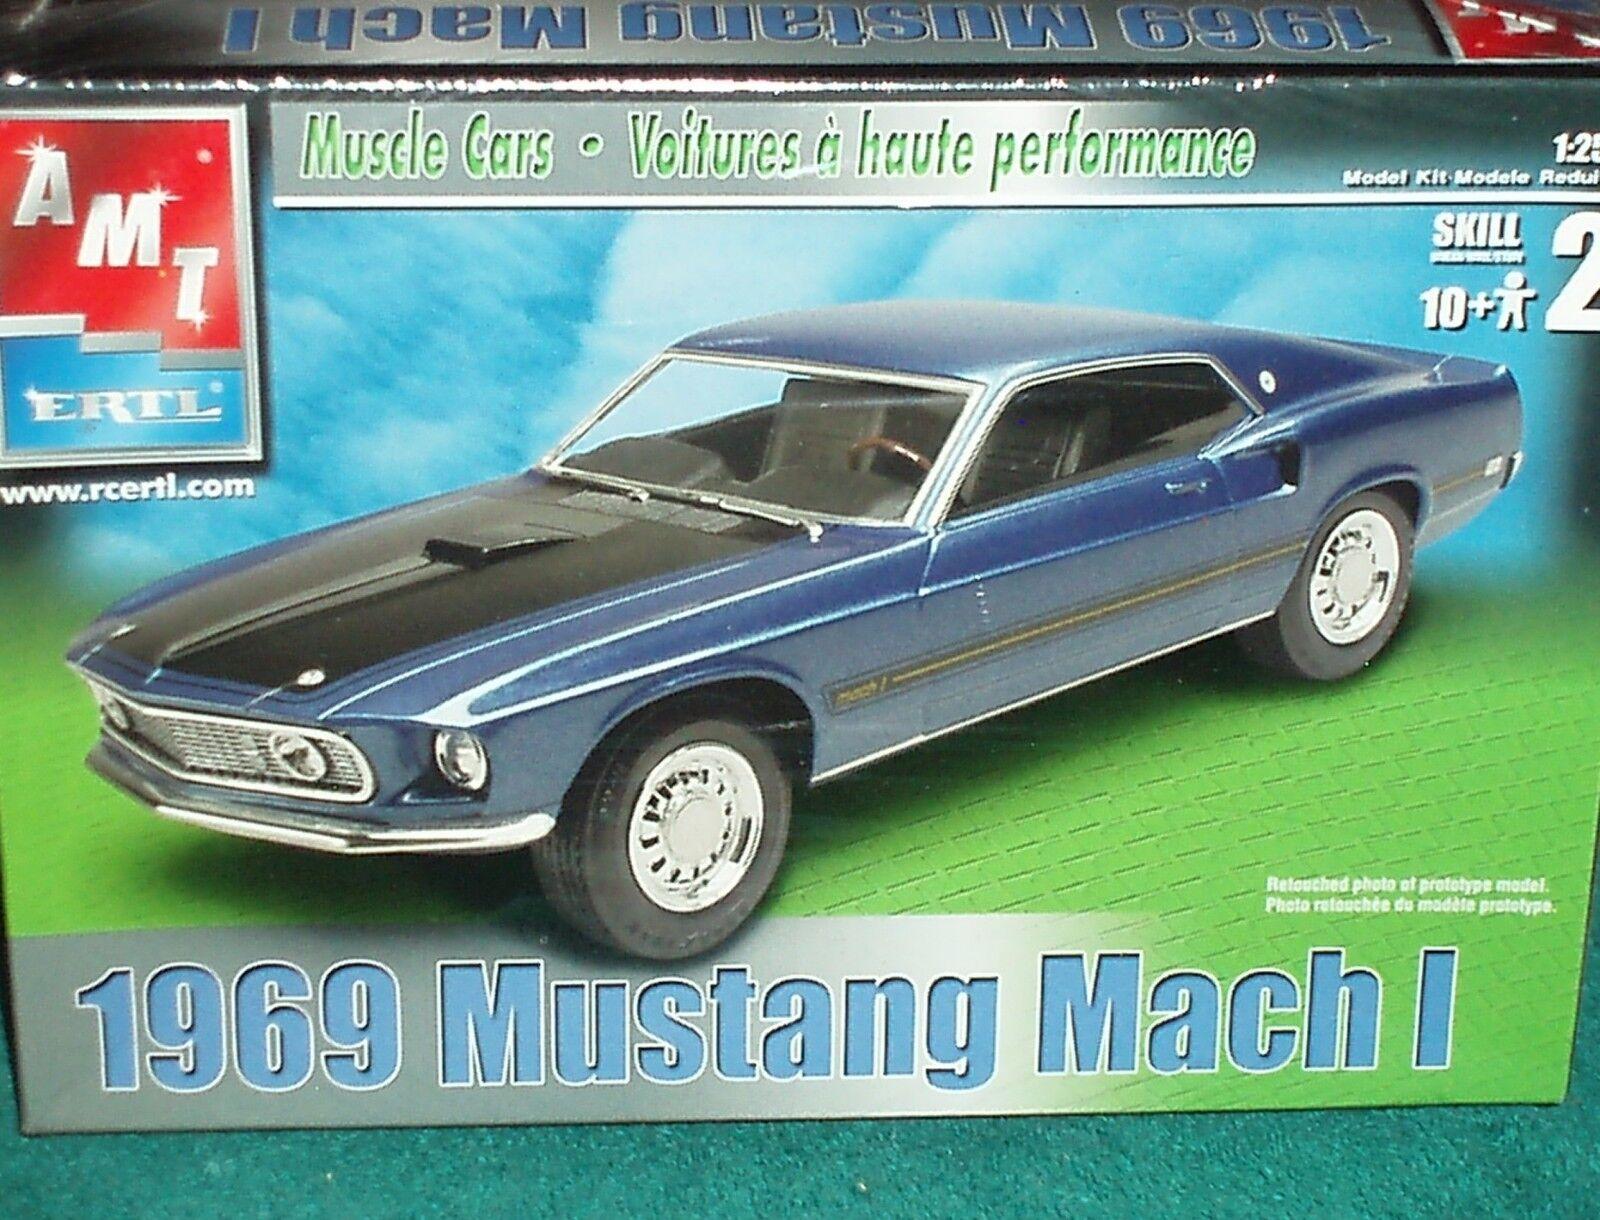 Juguetes Modelo De Aluminio 1969 Ford Mustang Mach 1 Plástico Modelo Kit 1 25 nivel de habilidad 2 Nuevo En Caja Sellada